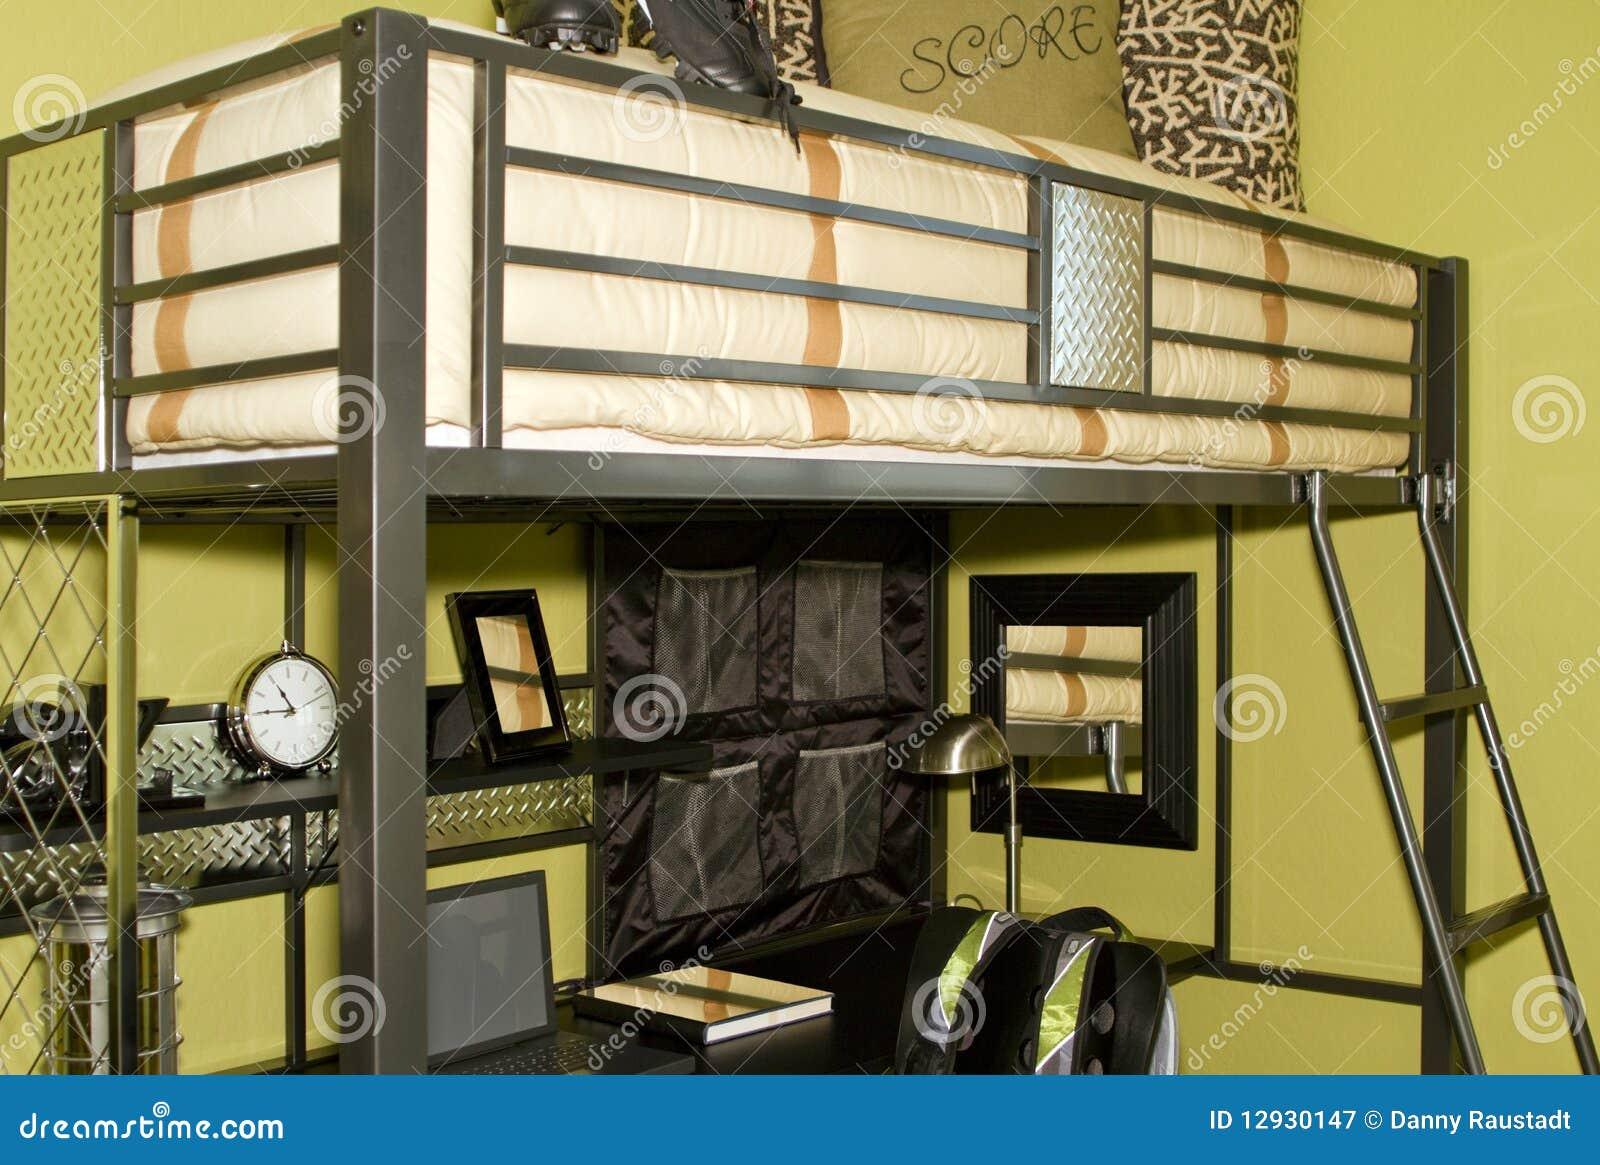 Jonge volwassen slaapkamer met stapelbed royalty vrije stock fotografie afbeelding 12930147 - Foto van volwassen slaapkamer ...